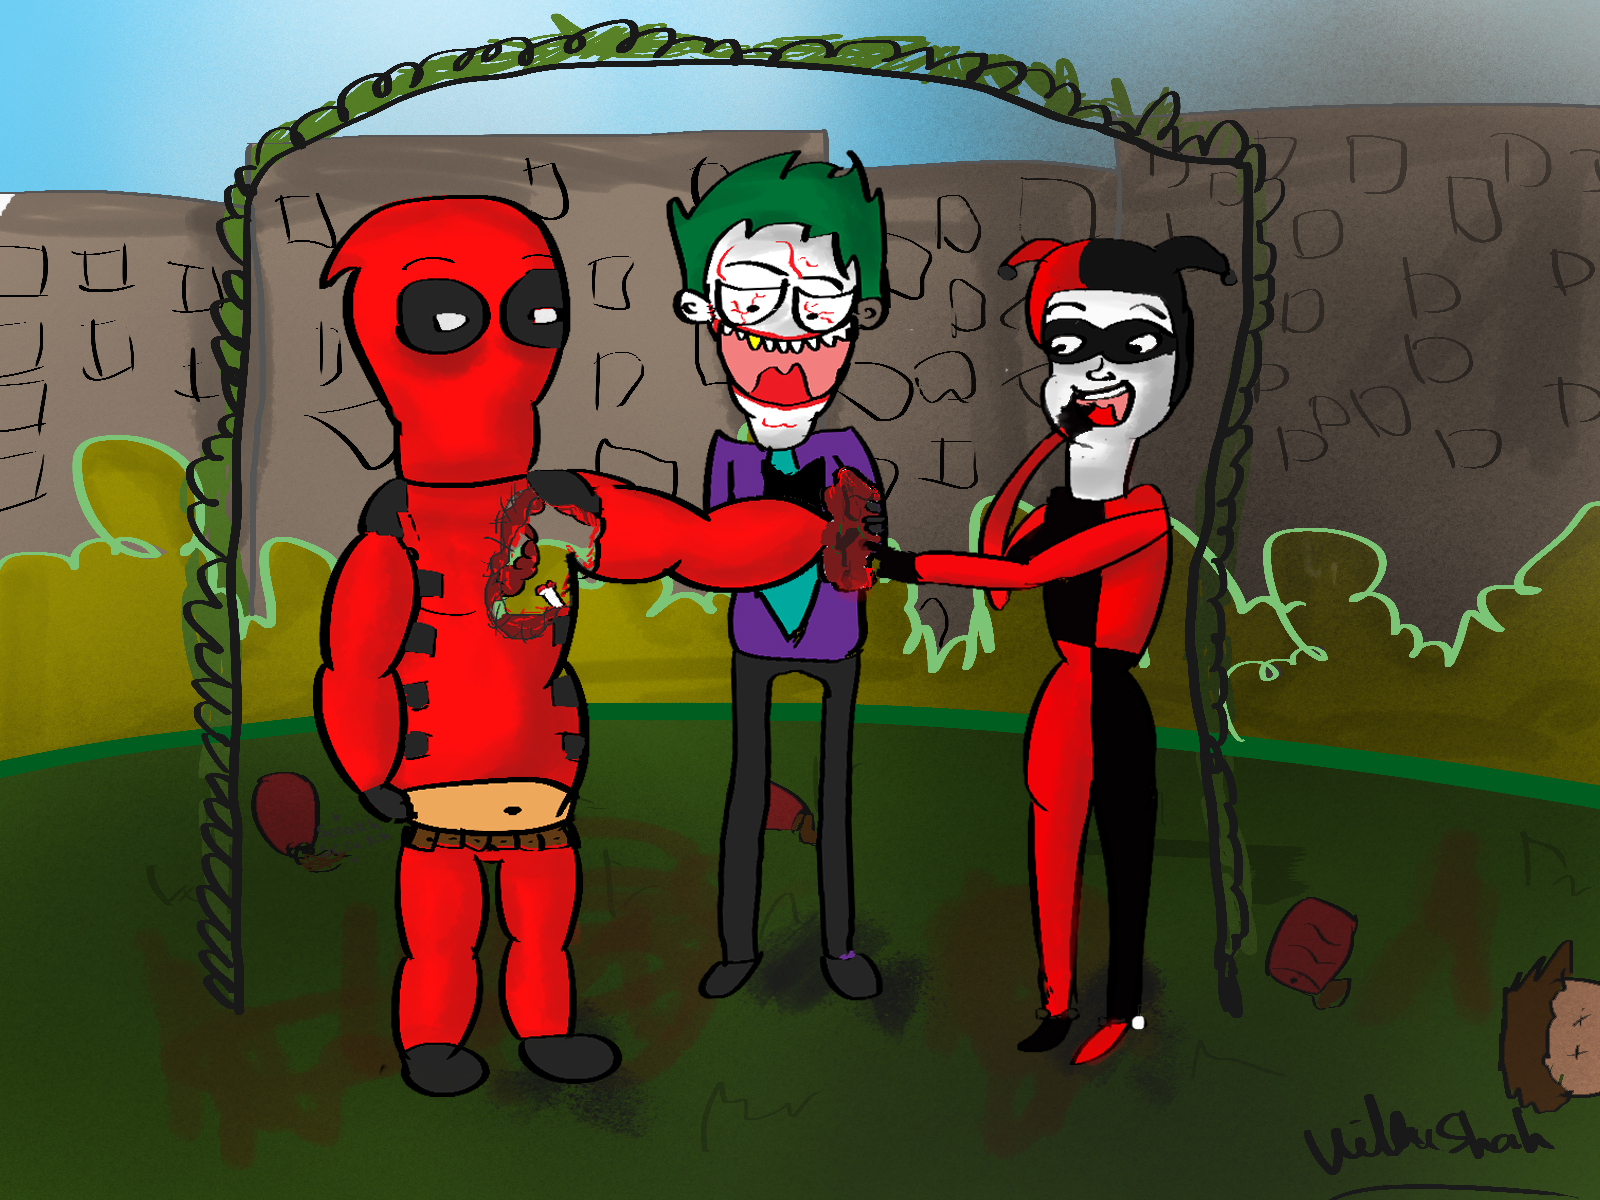 Deadbeat Deadpool and Harley Quinn